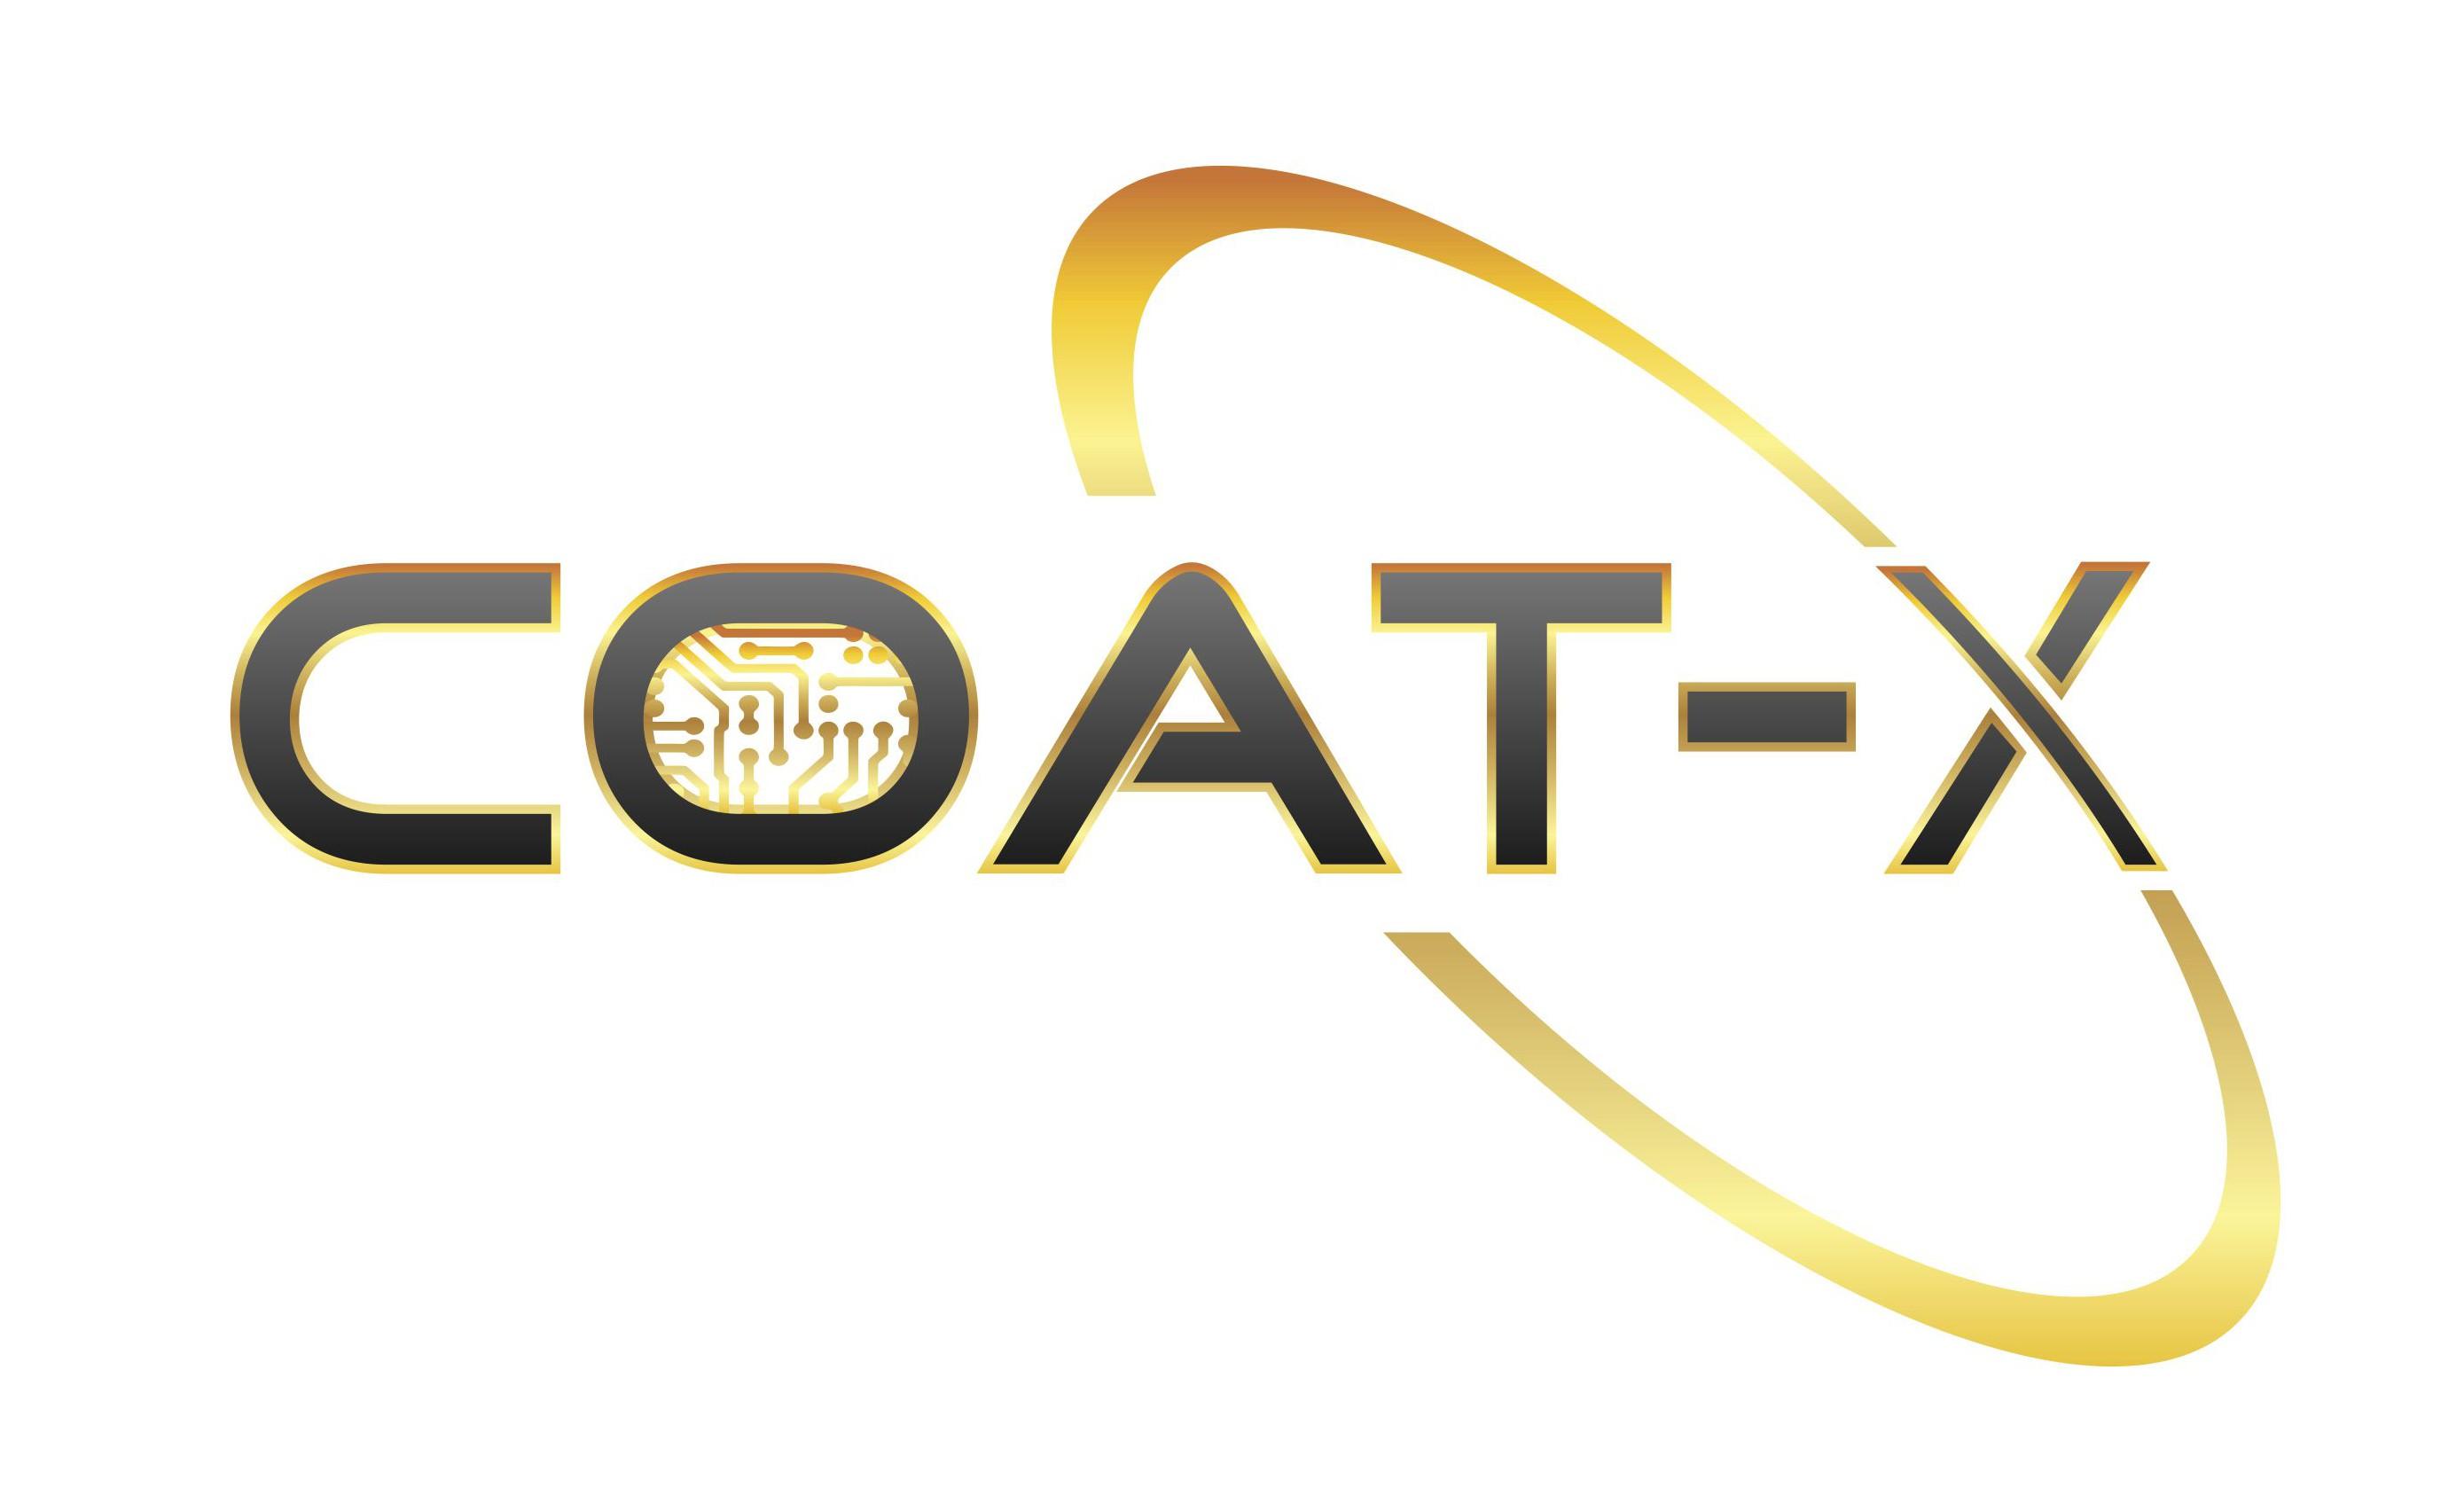 Coat-X